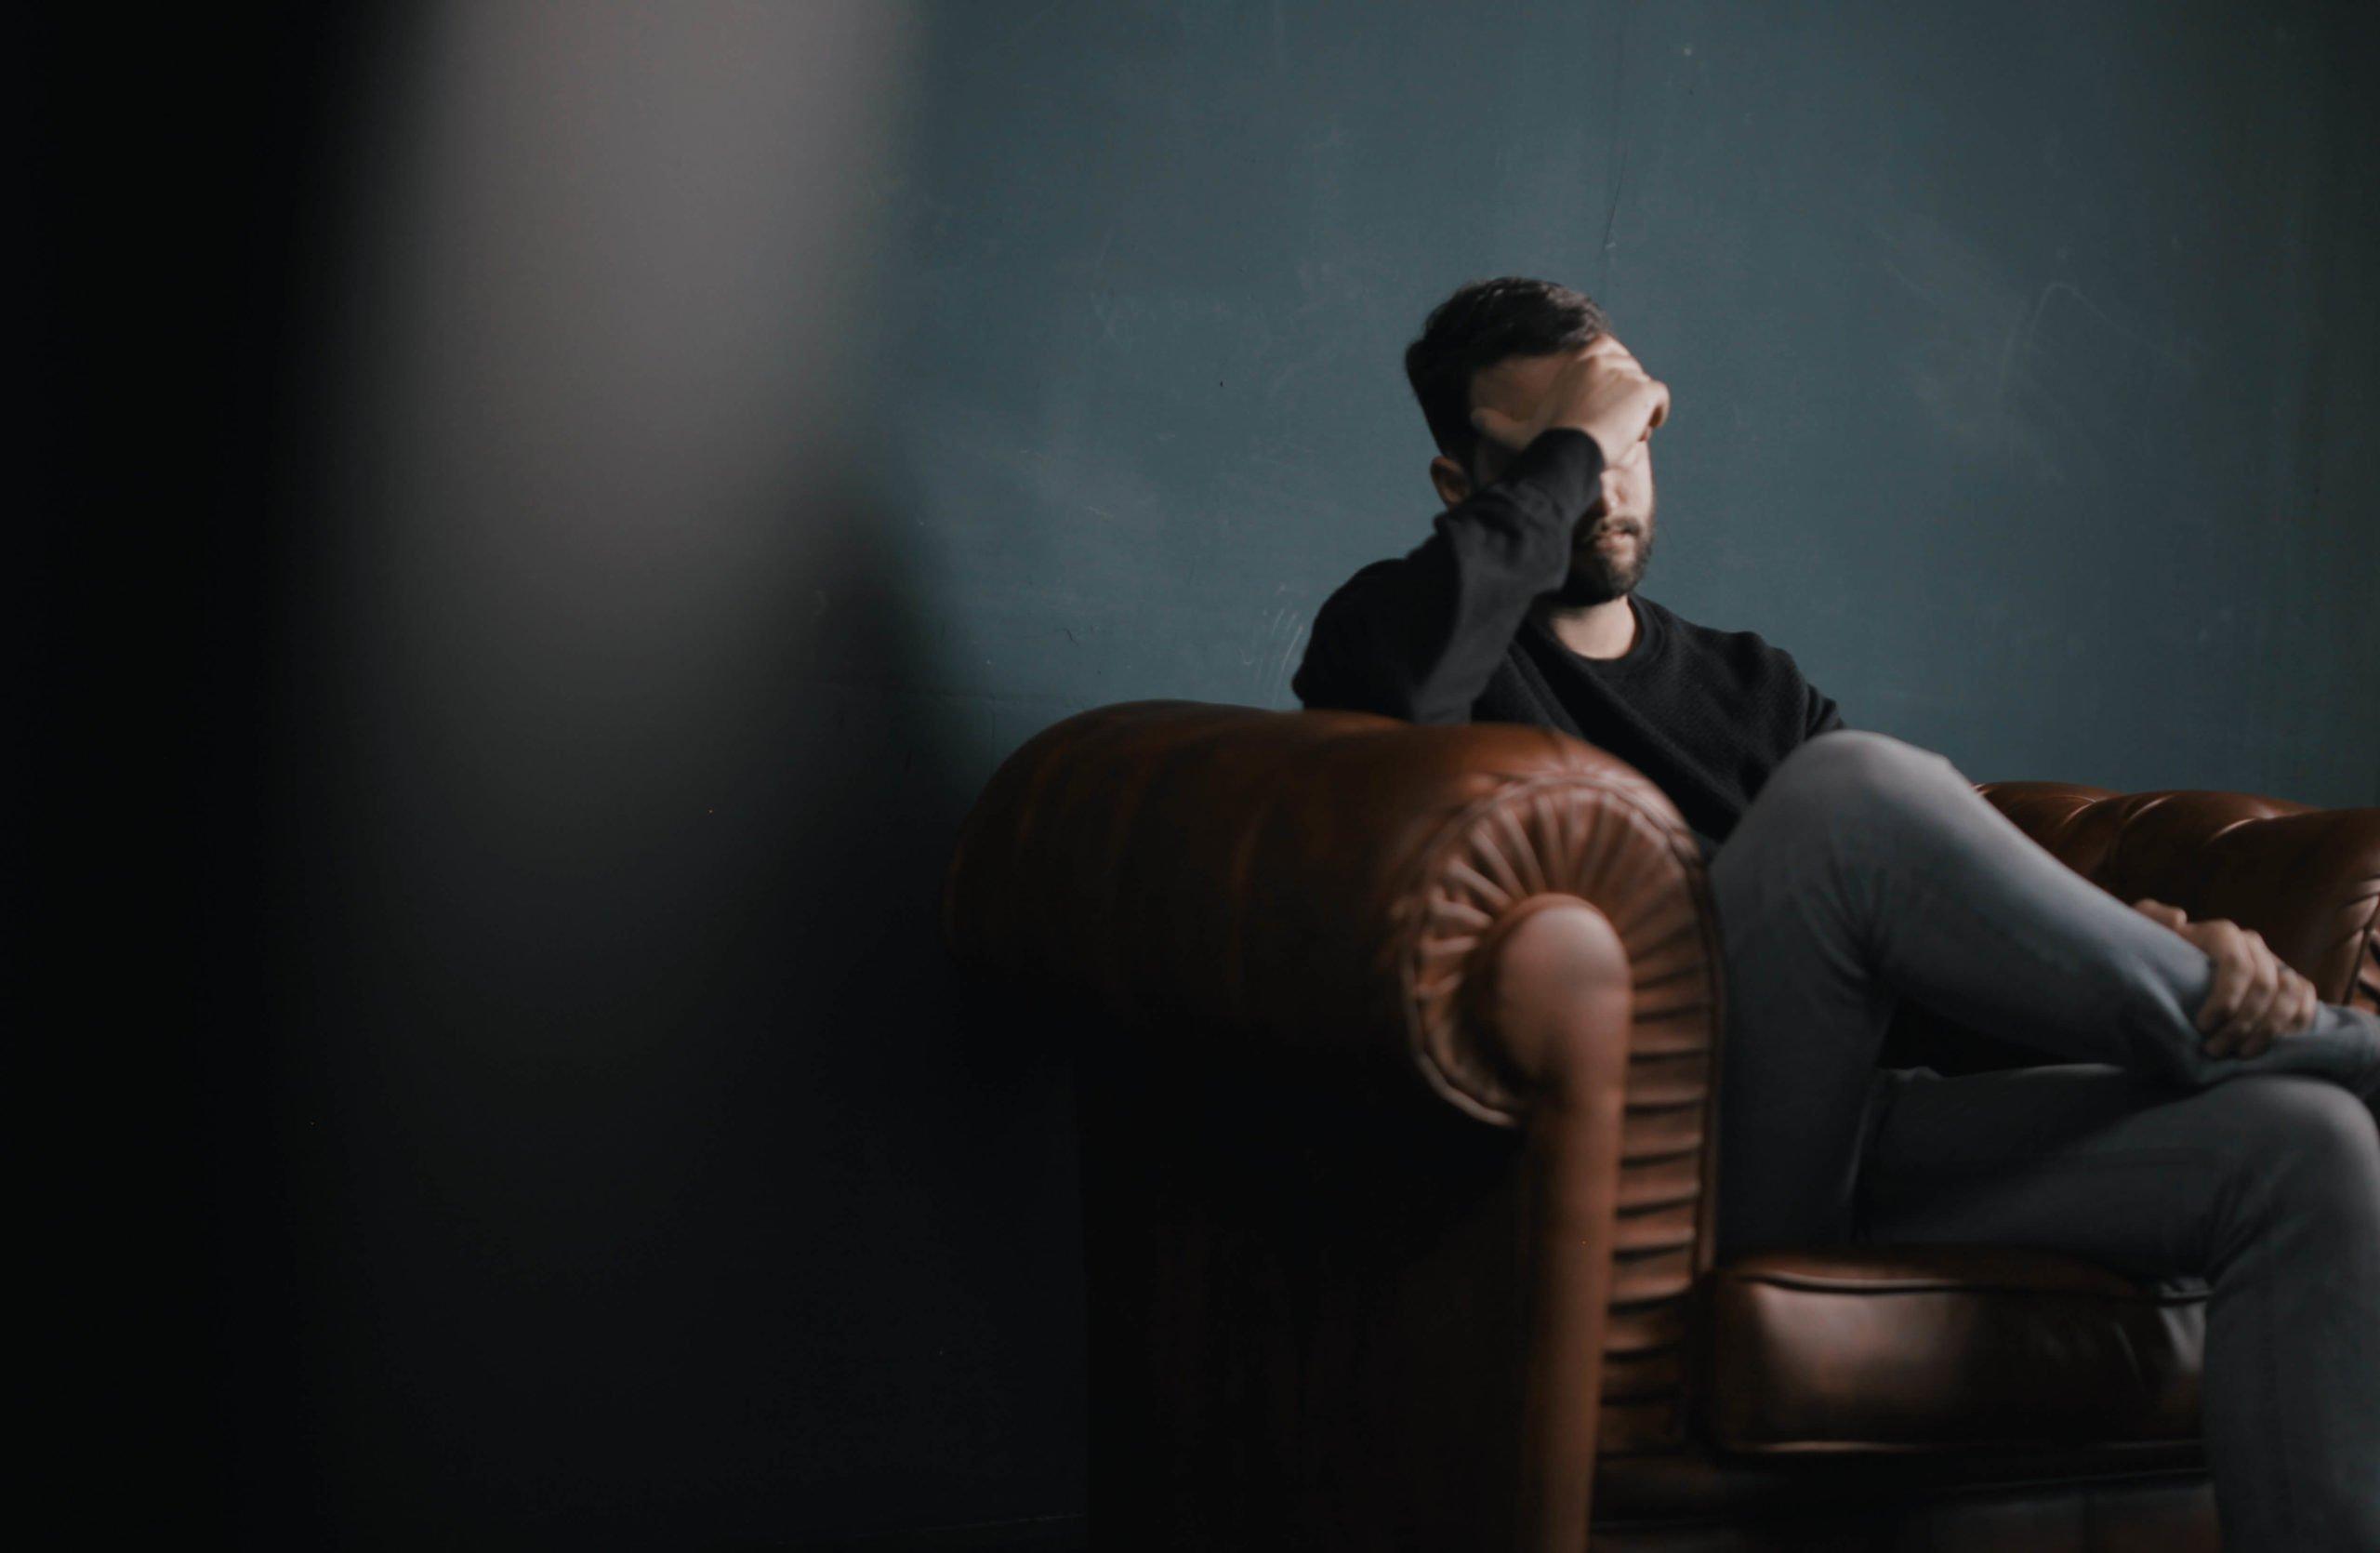 20 vecí ktoré ničia tvoje sebavedomie